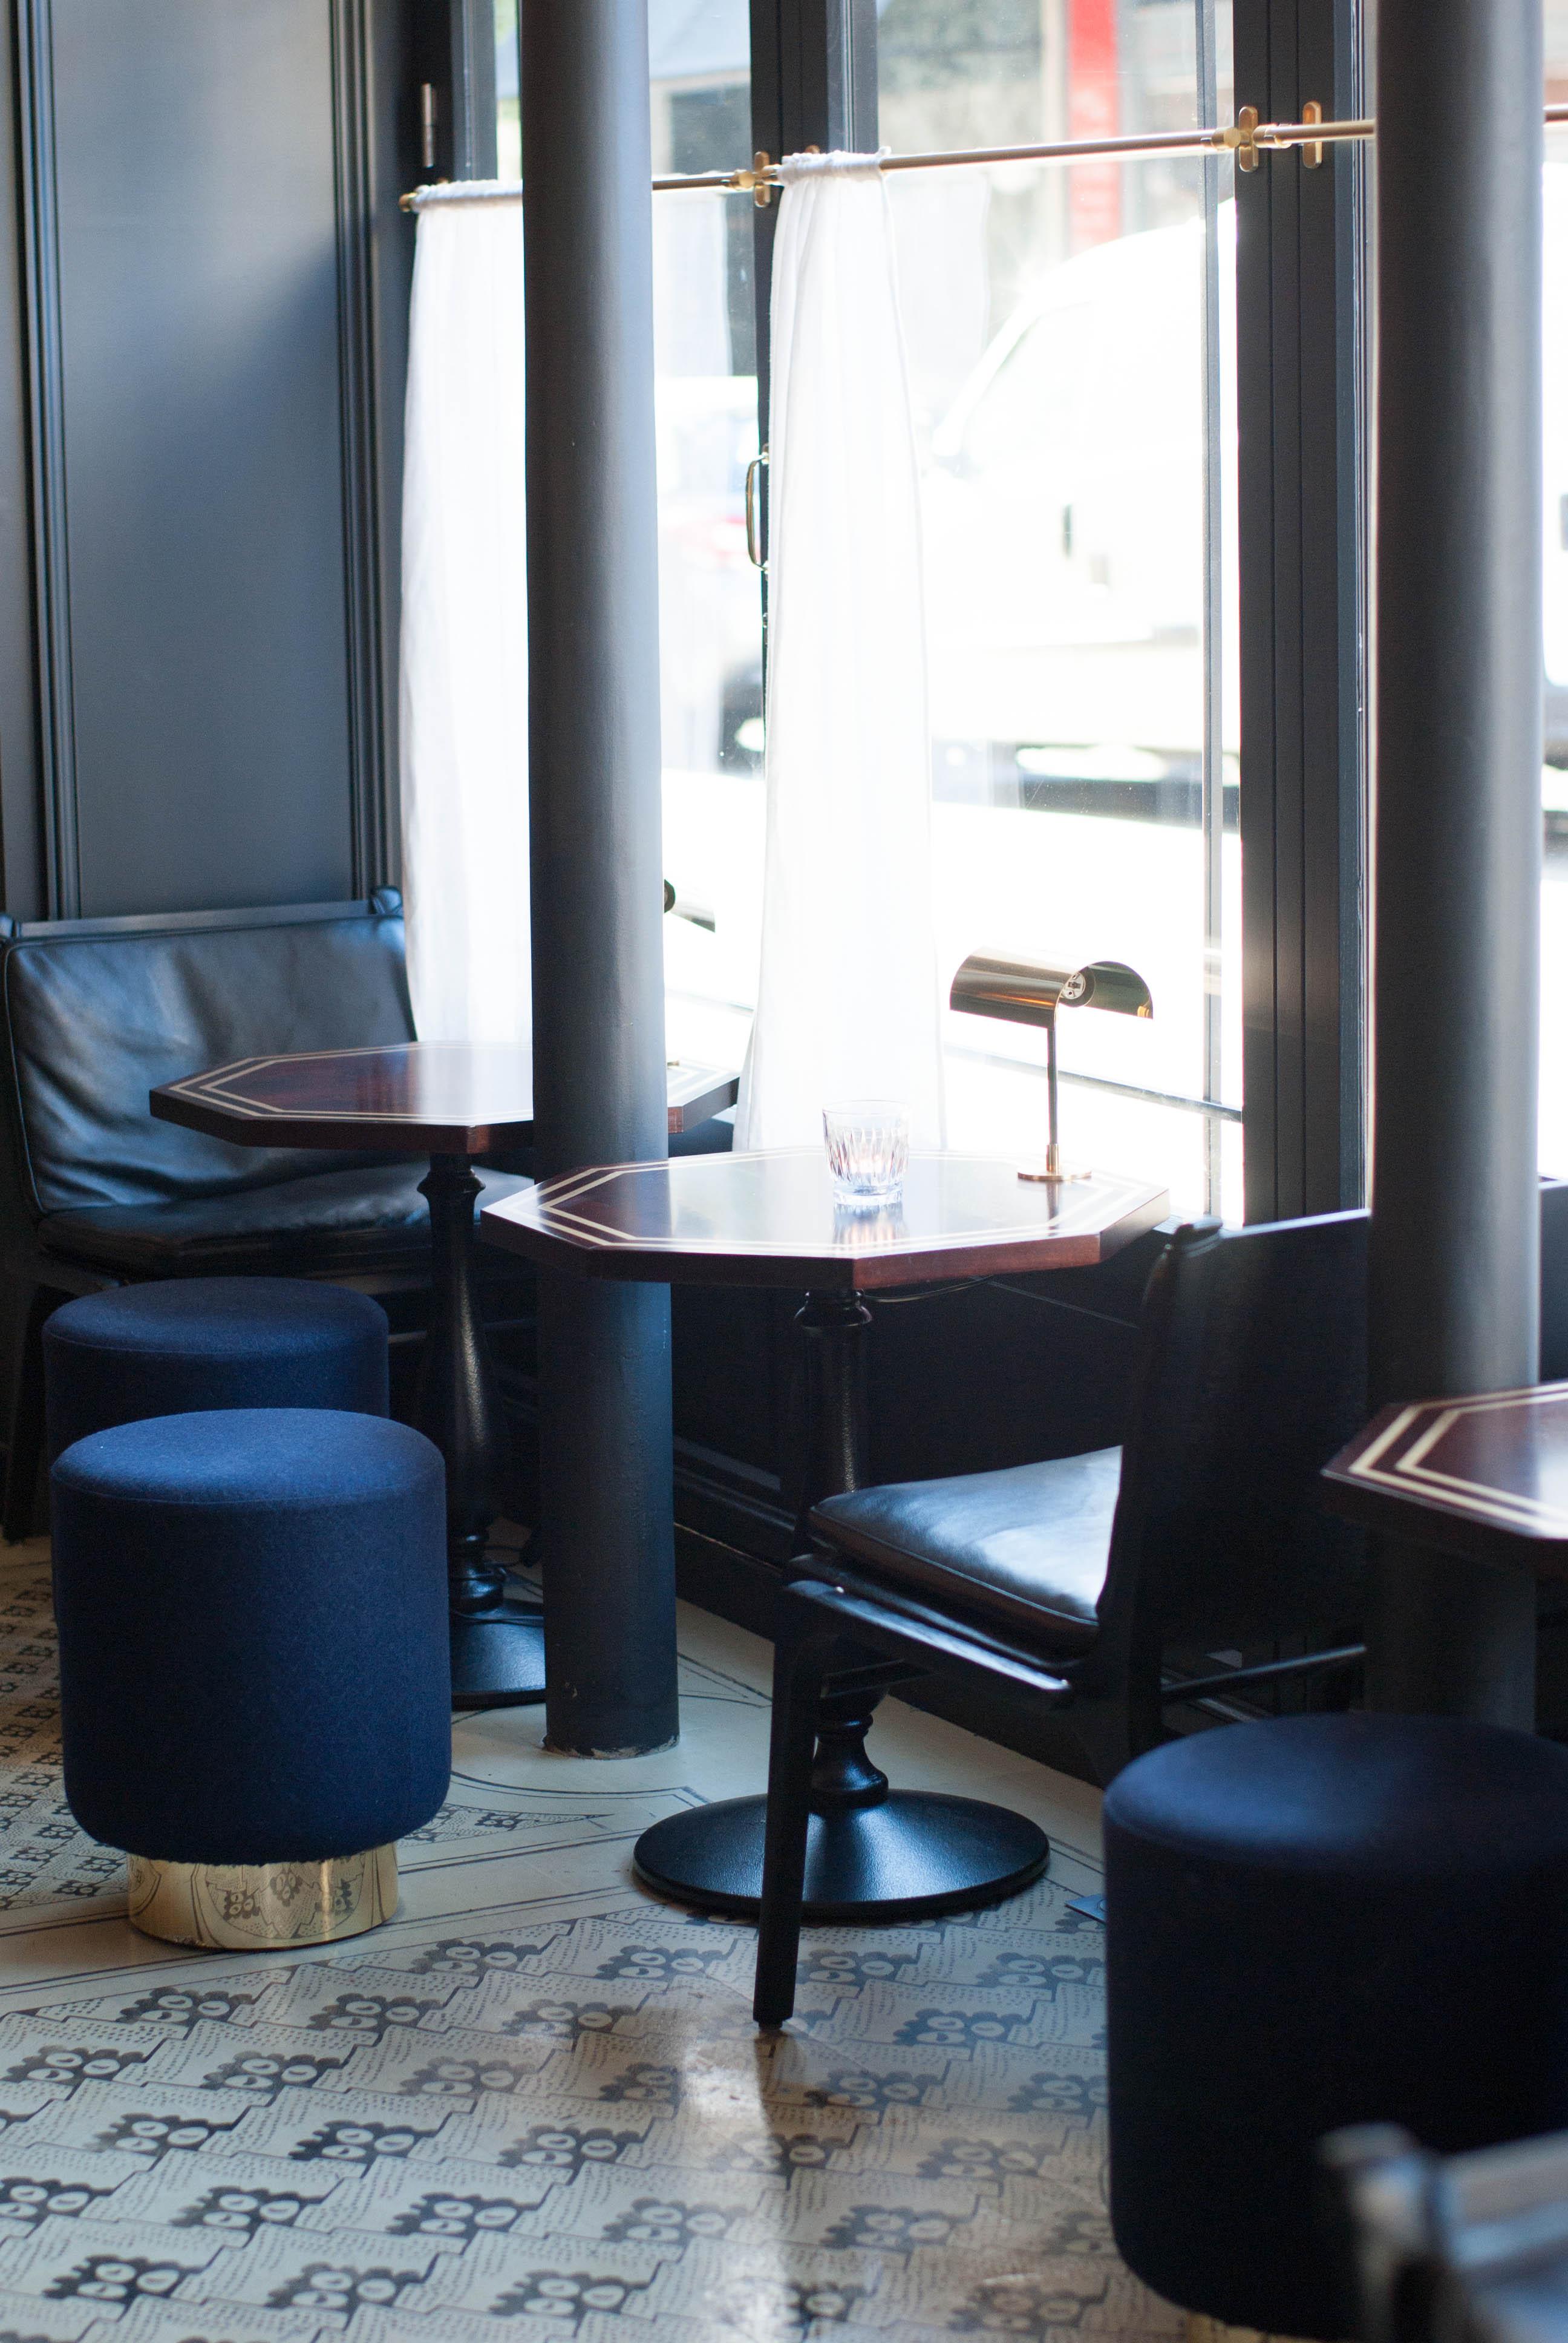 grand pigalle h tel. Black Bedroom Furniture Sets. Home Design Ideas